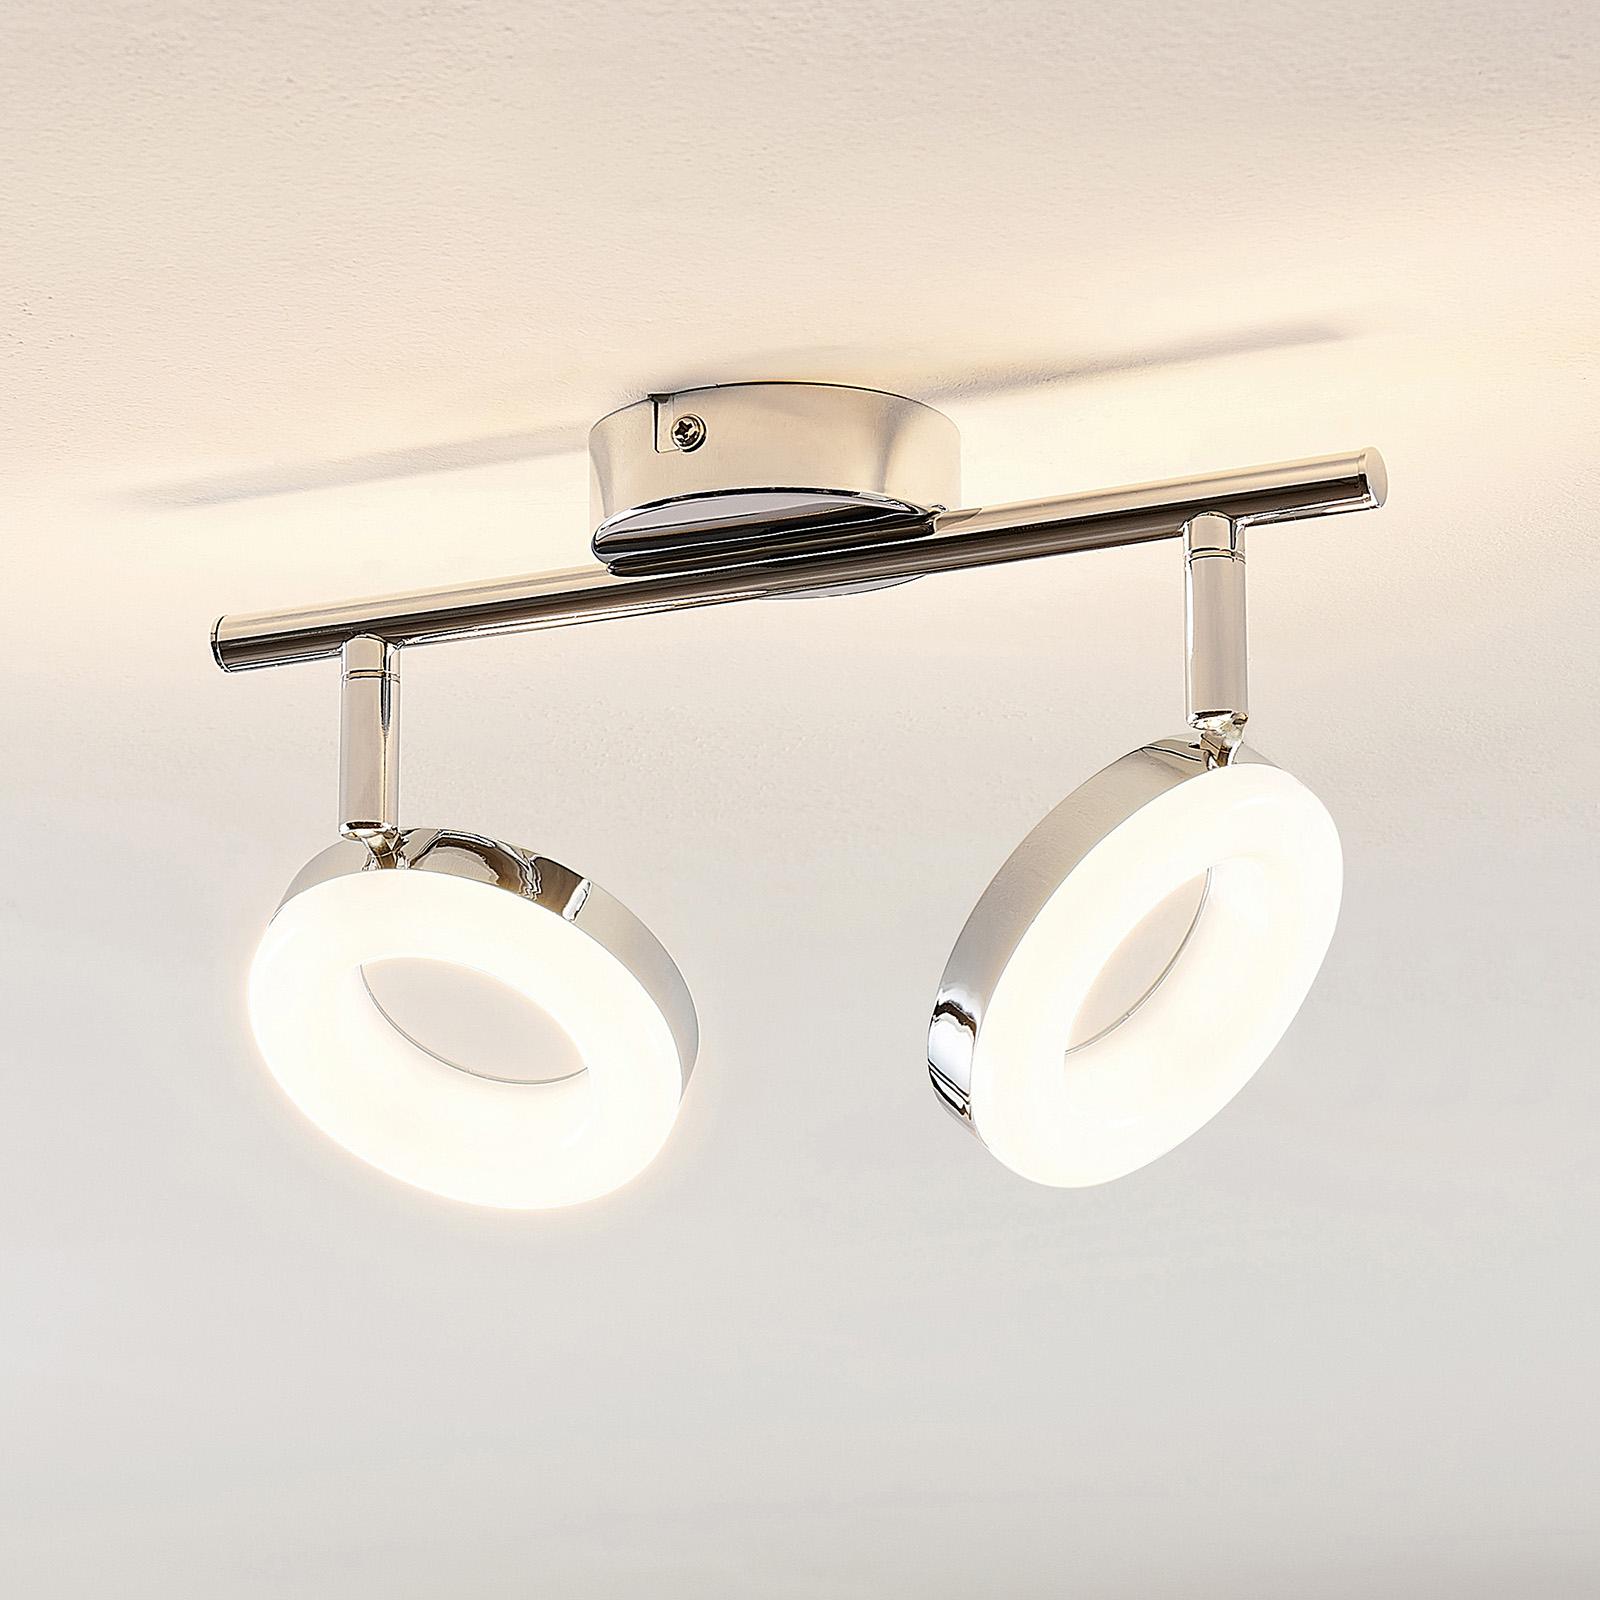 ELC Tioklia LED-loftlampe, krom, 2 lyskilder